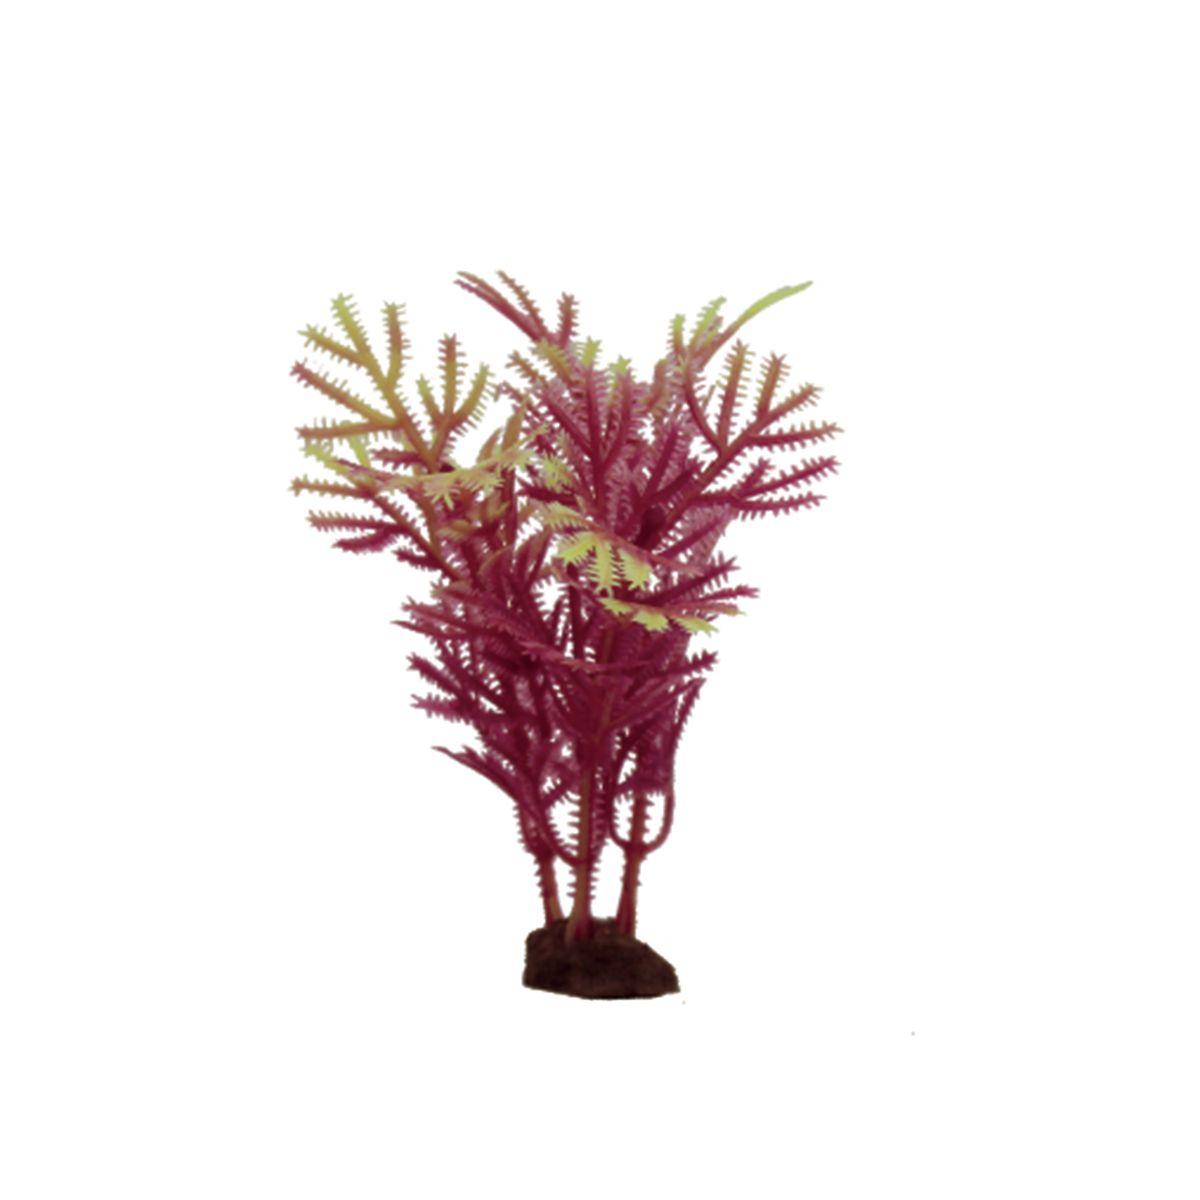 Растение для аквариума ArtUniq Хоттиния красно-желтая, высота 10 см, 6 штART-1170523Растение для аквариума ArtUniq Хоттиния красно-желтая, высота 10 см, 6 шт